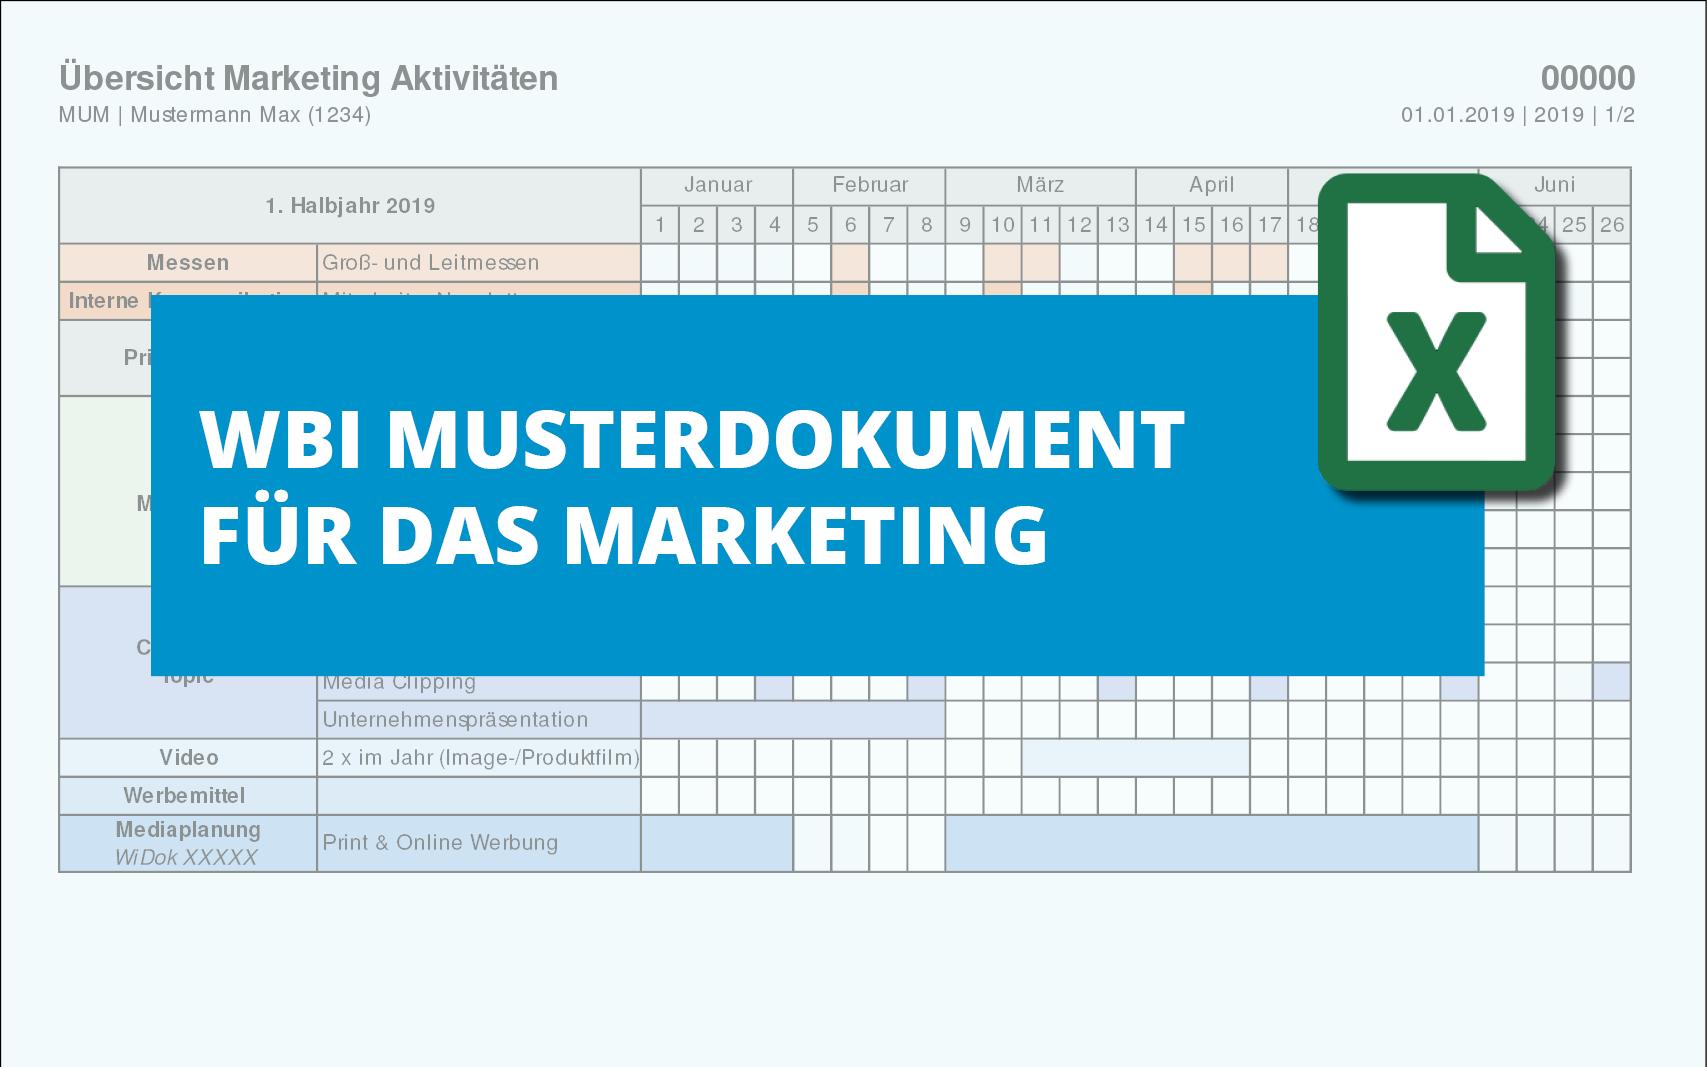 uebersicht-marketing-aktivitaeten